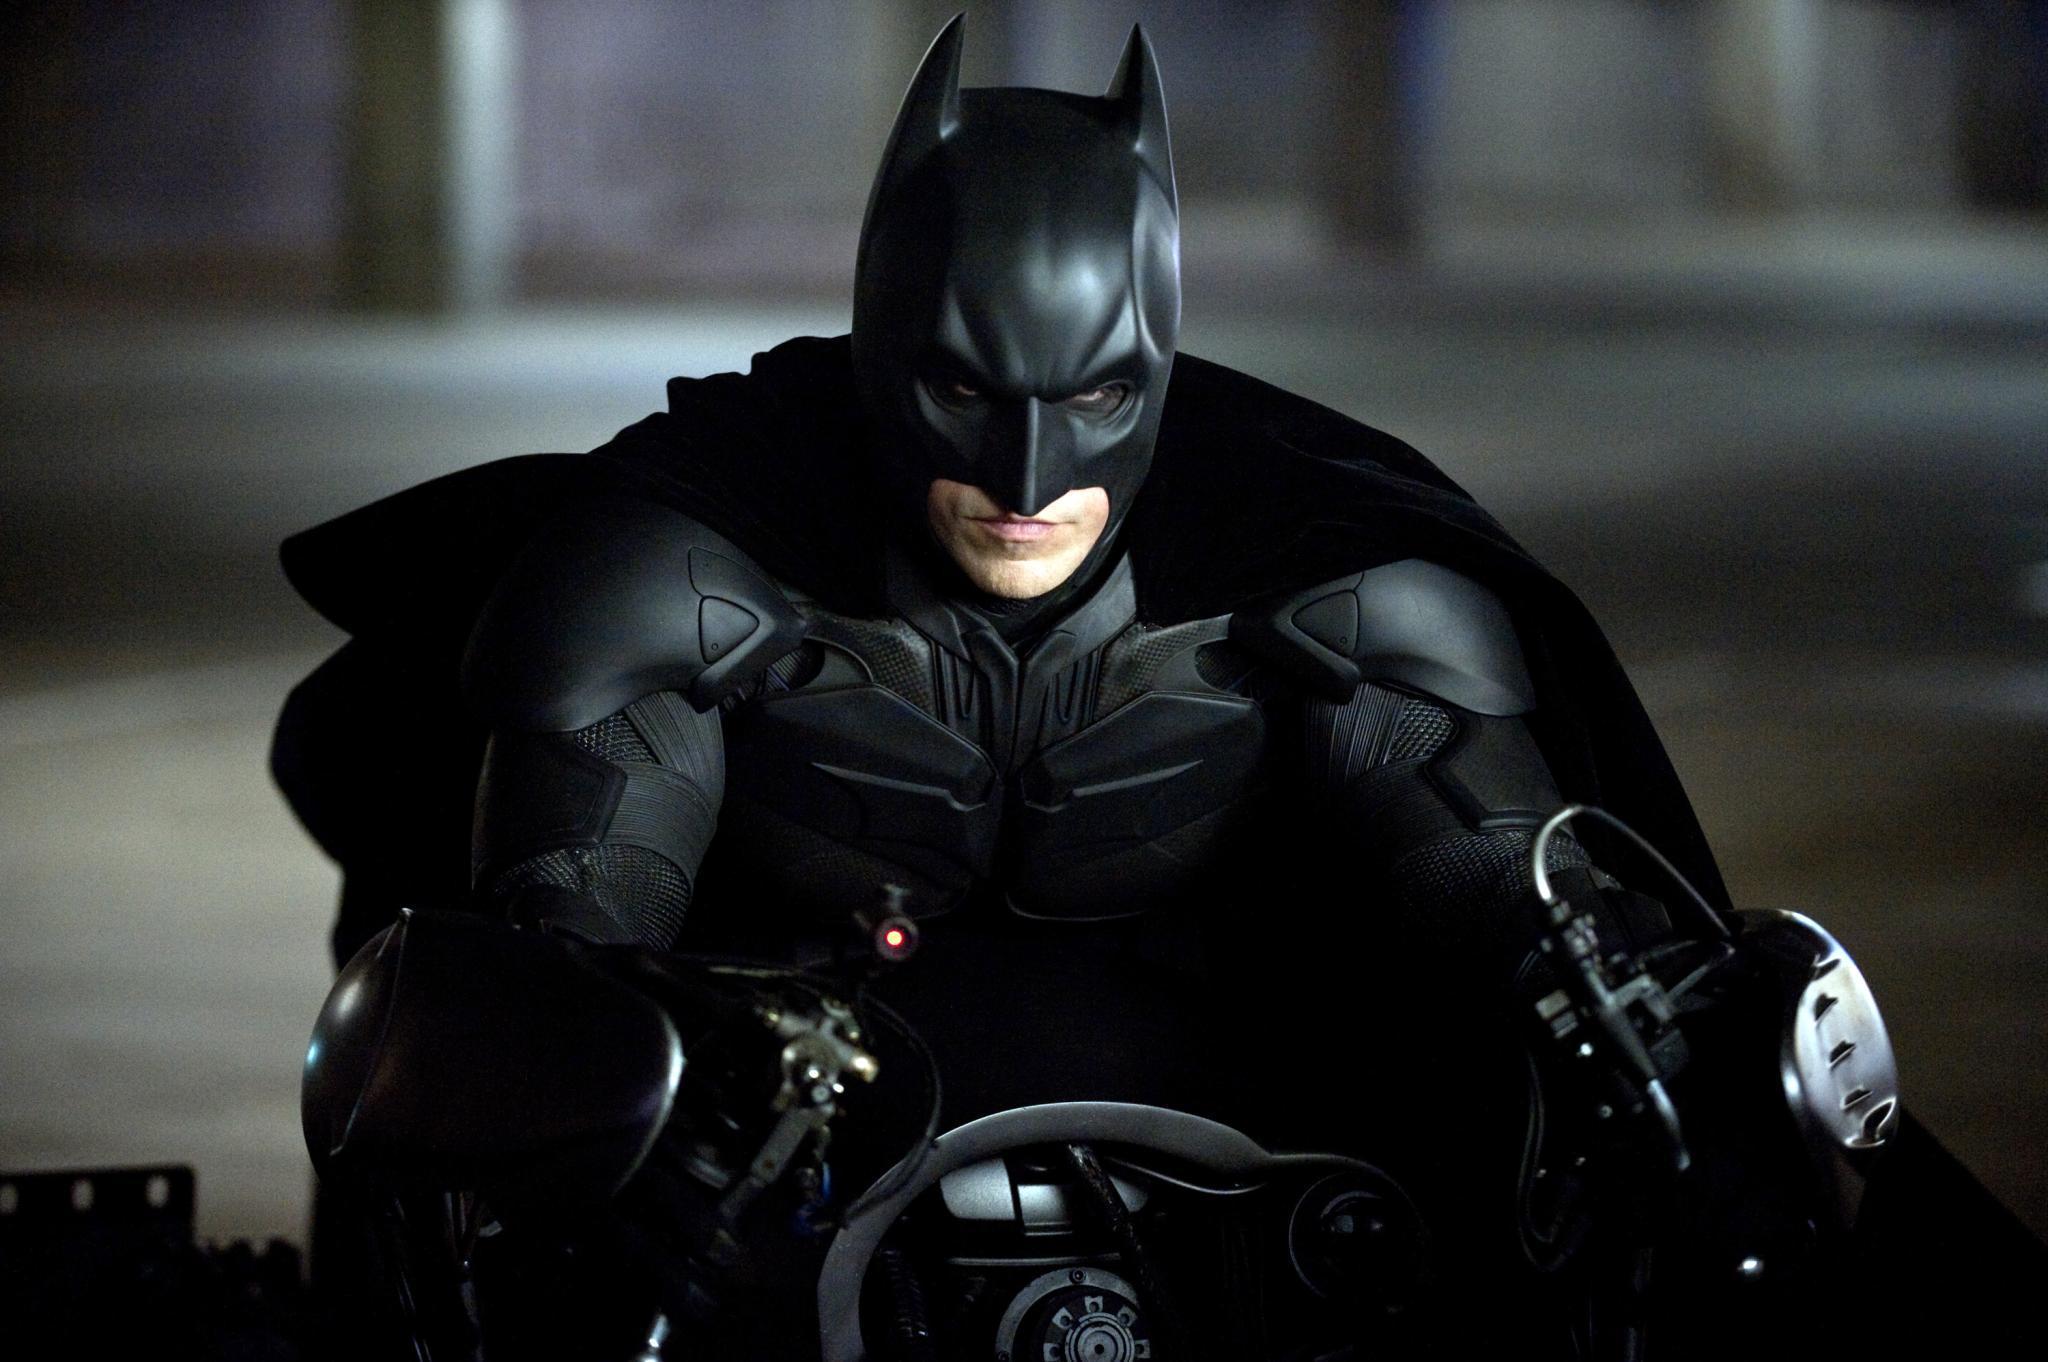 """Wunschkandidat war der bisherige """"Batman"""" Christian Bale. Doch auch 50 Millionen Dollar sollen den Schauspieler nicht überzeugt haben, noch einmal in das Fledermauskostüm zu schlüpfen."""